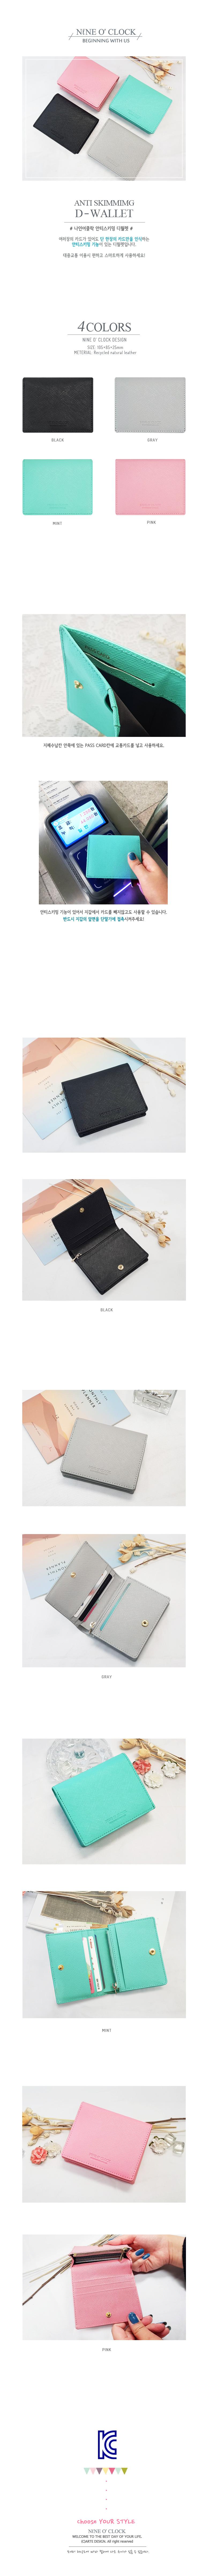 나인어클락 안티스키밍 디월렛- BLACK - 나인어클락, 25,000원, 여성지갑, 반지갑